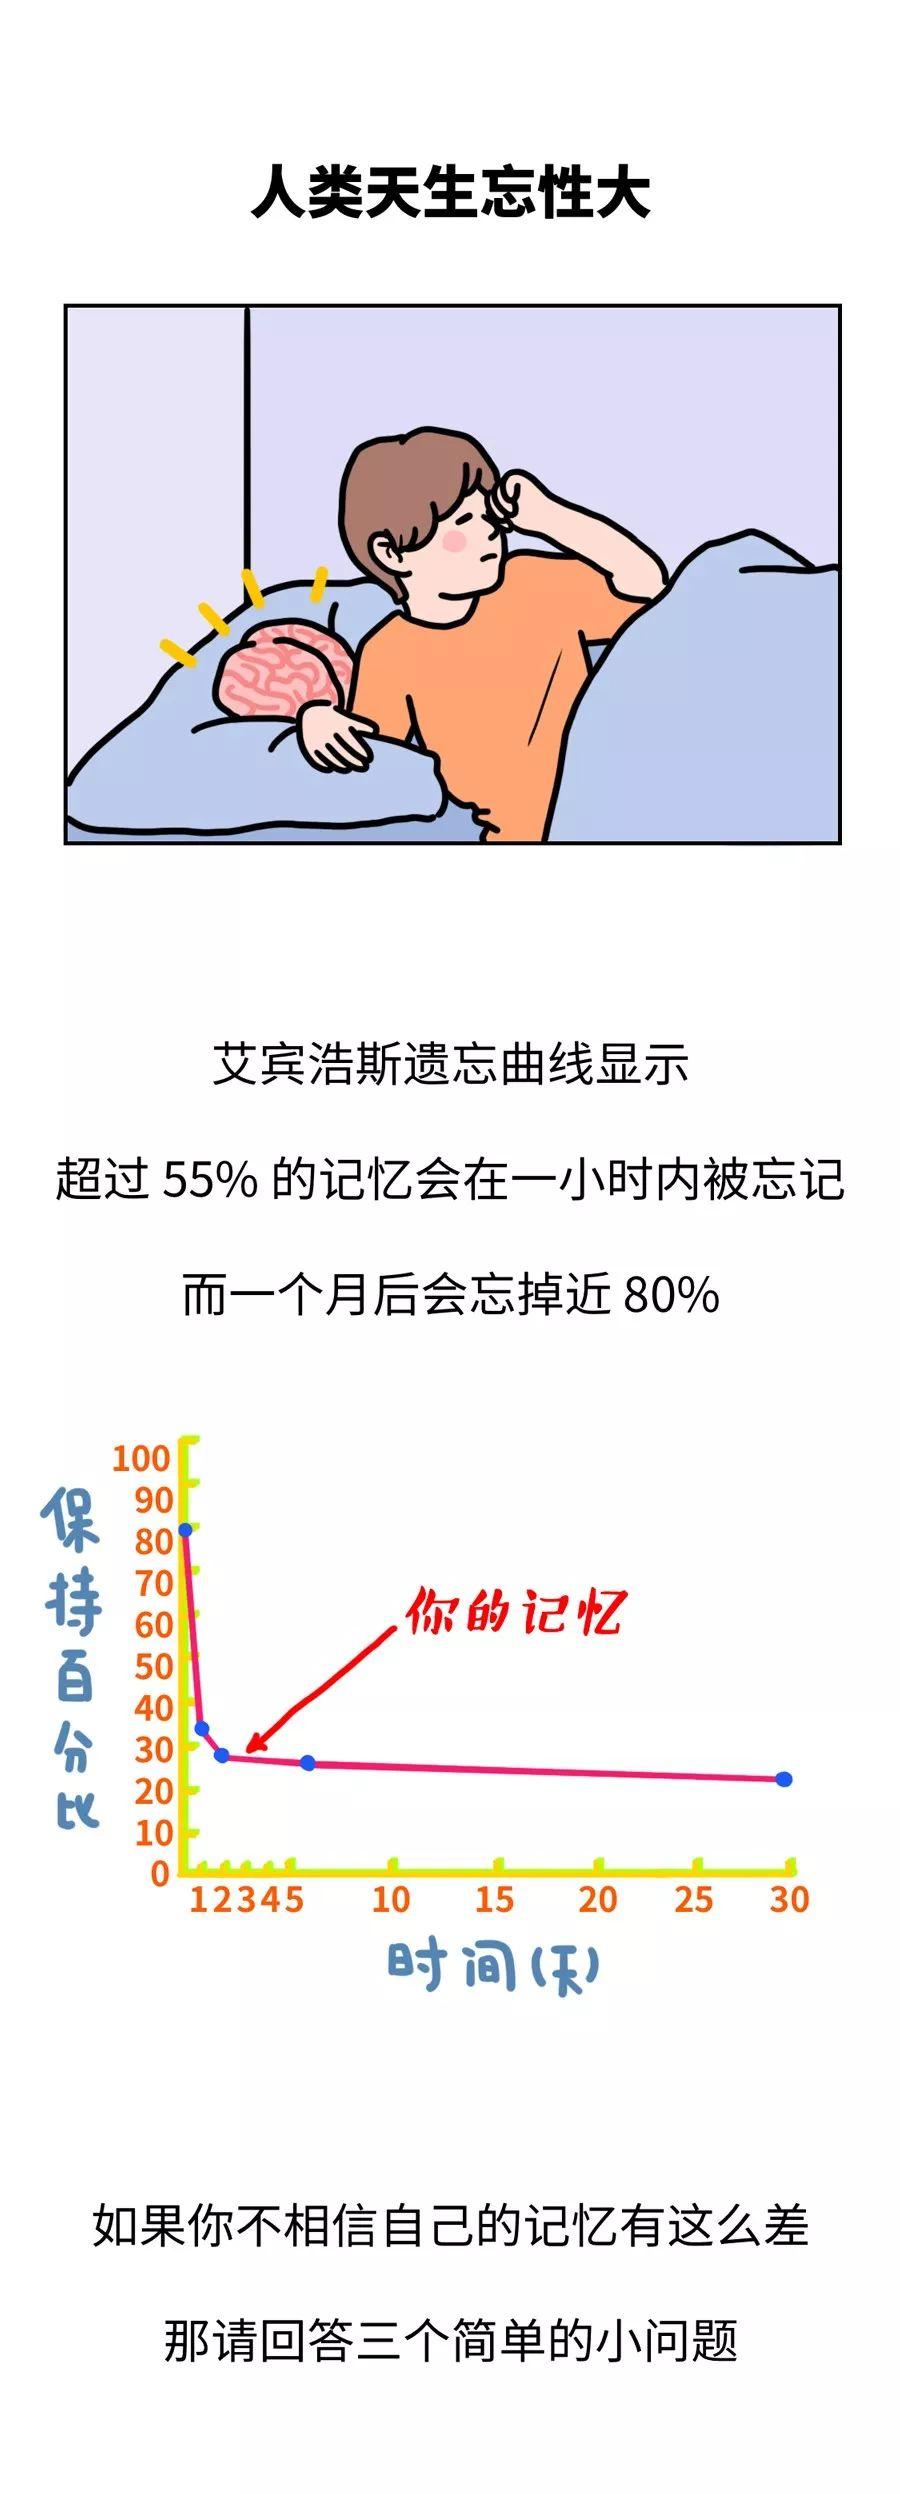 日本少妇嫩穴色囌M�_普通心理学[m]. 北京师范大学出版社 [2] 王苏, 王安圣.